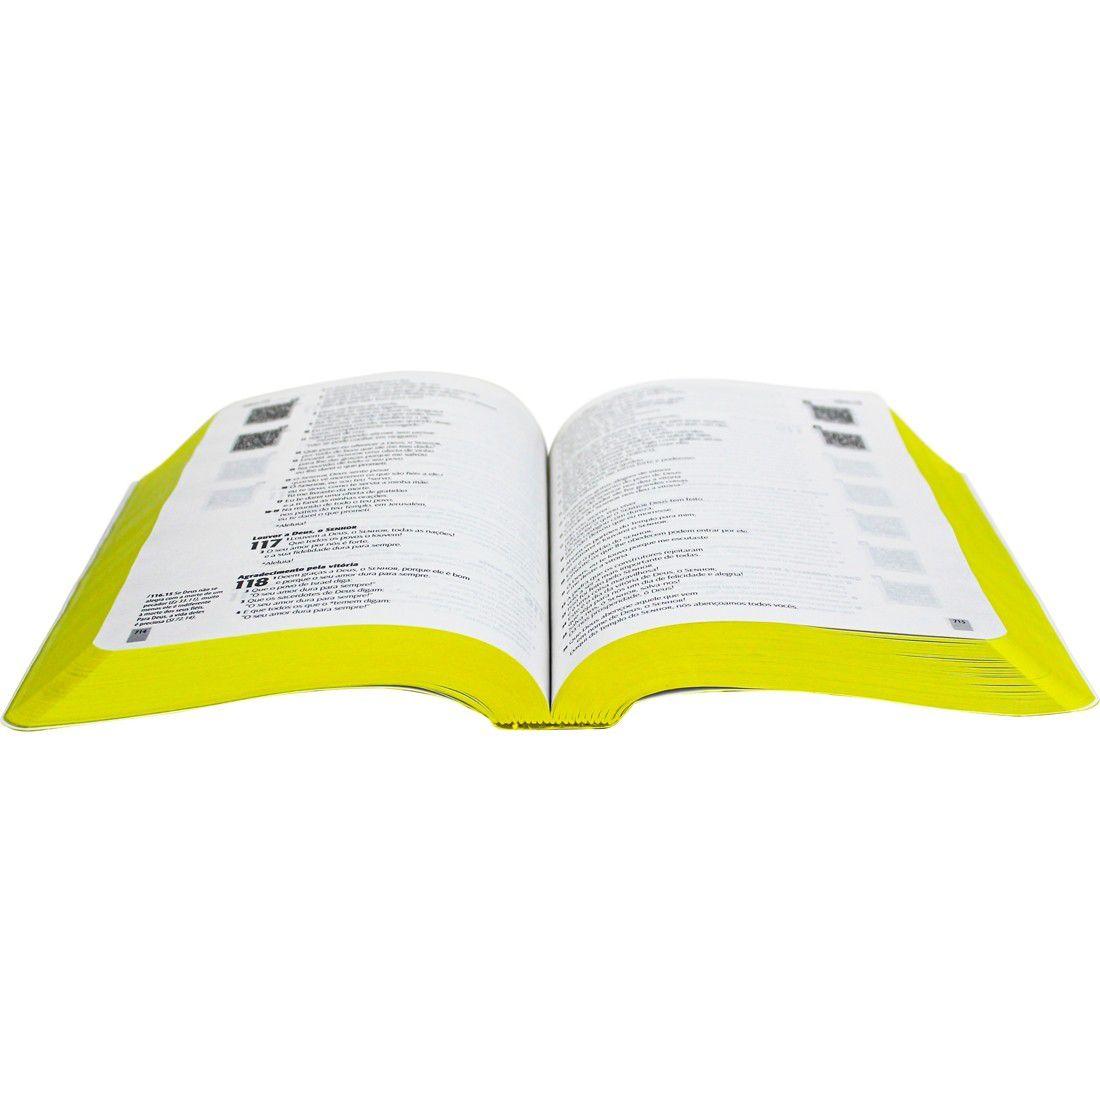 Bíblia Sagrada YouVersion - Versão Impressa com Qr Code